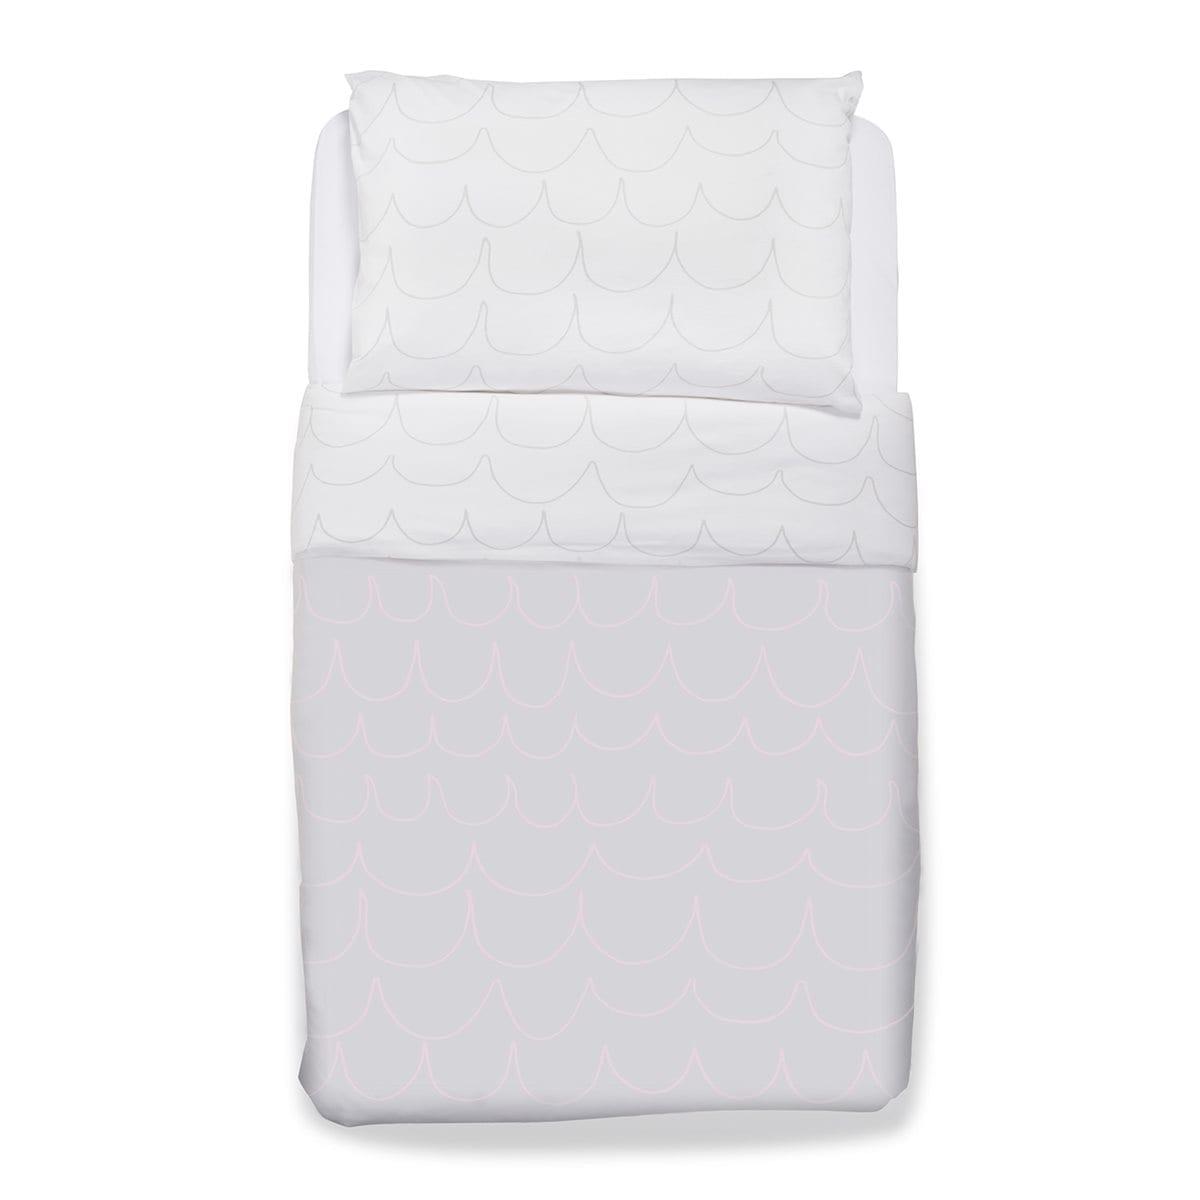 Snuz Cot Duvet and Pillow Case Set (100x120cm) - Wave Rose